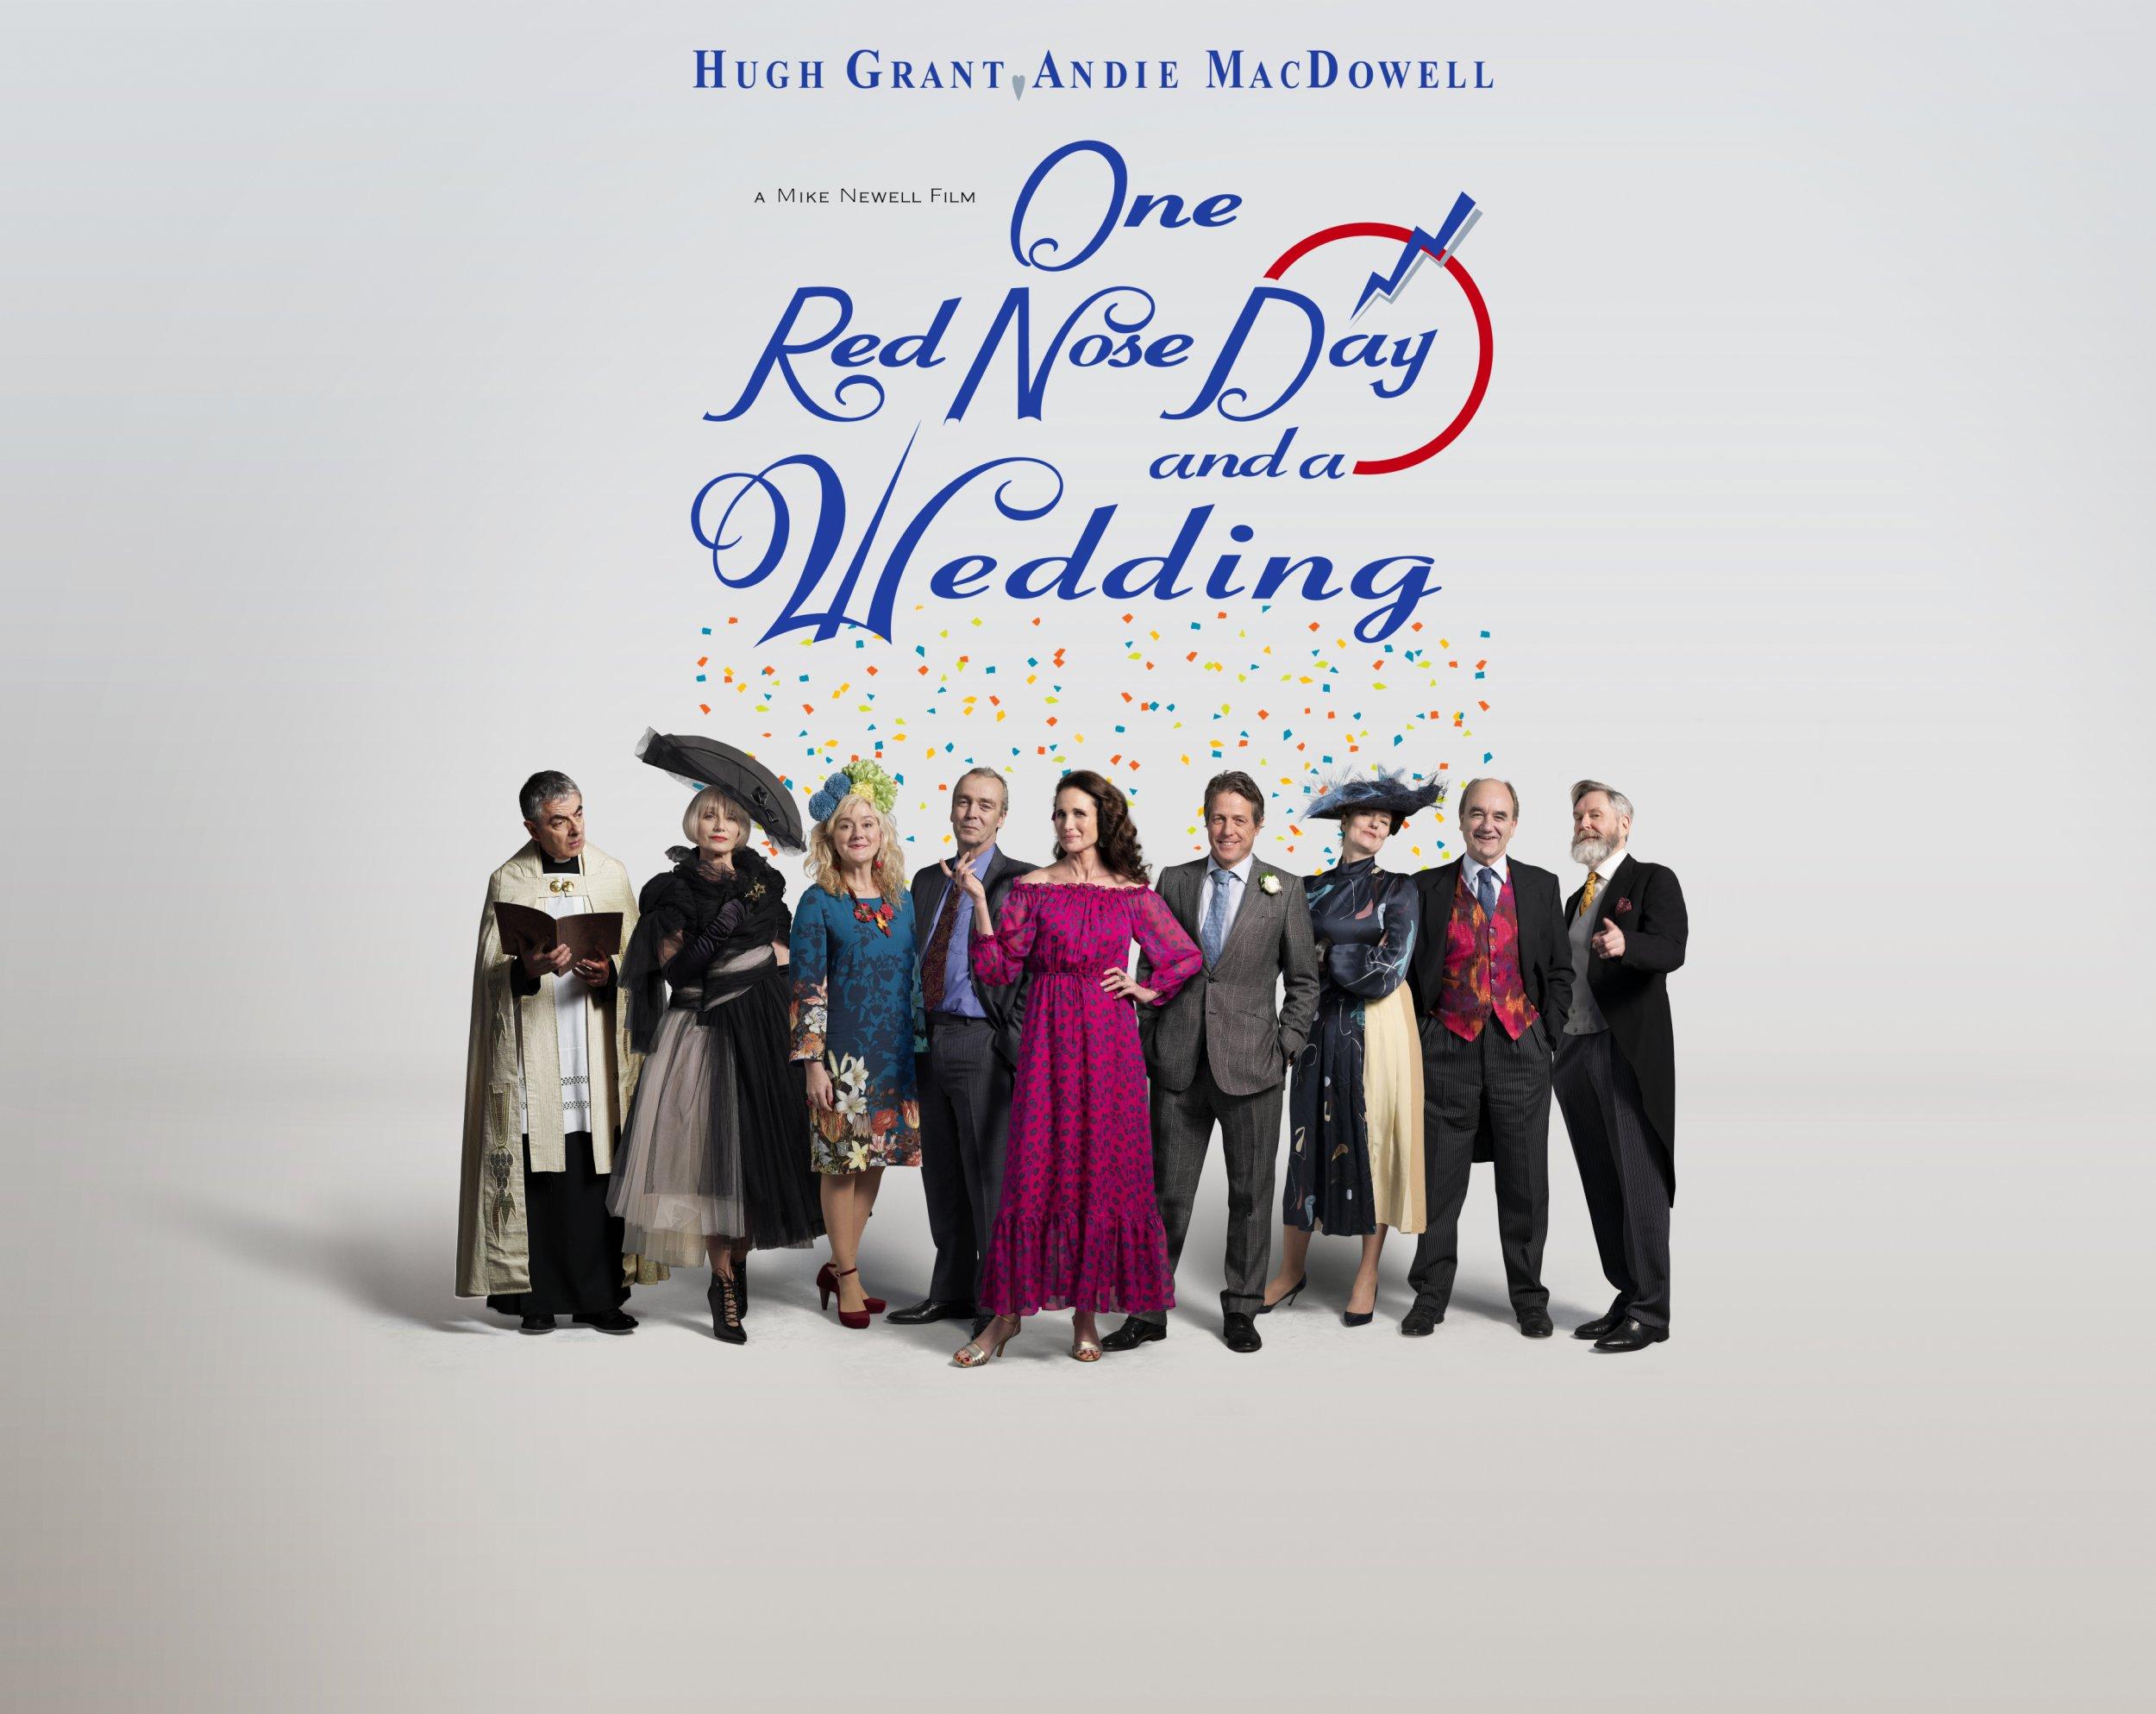 Four Weddings teaser image revealed Credit: Freuds